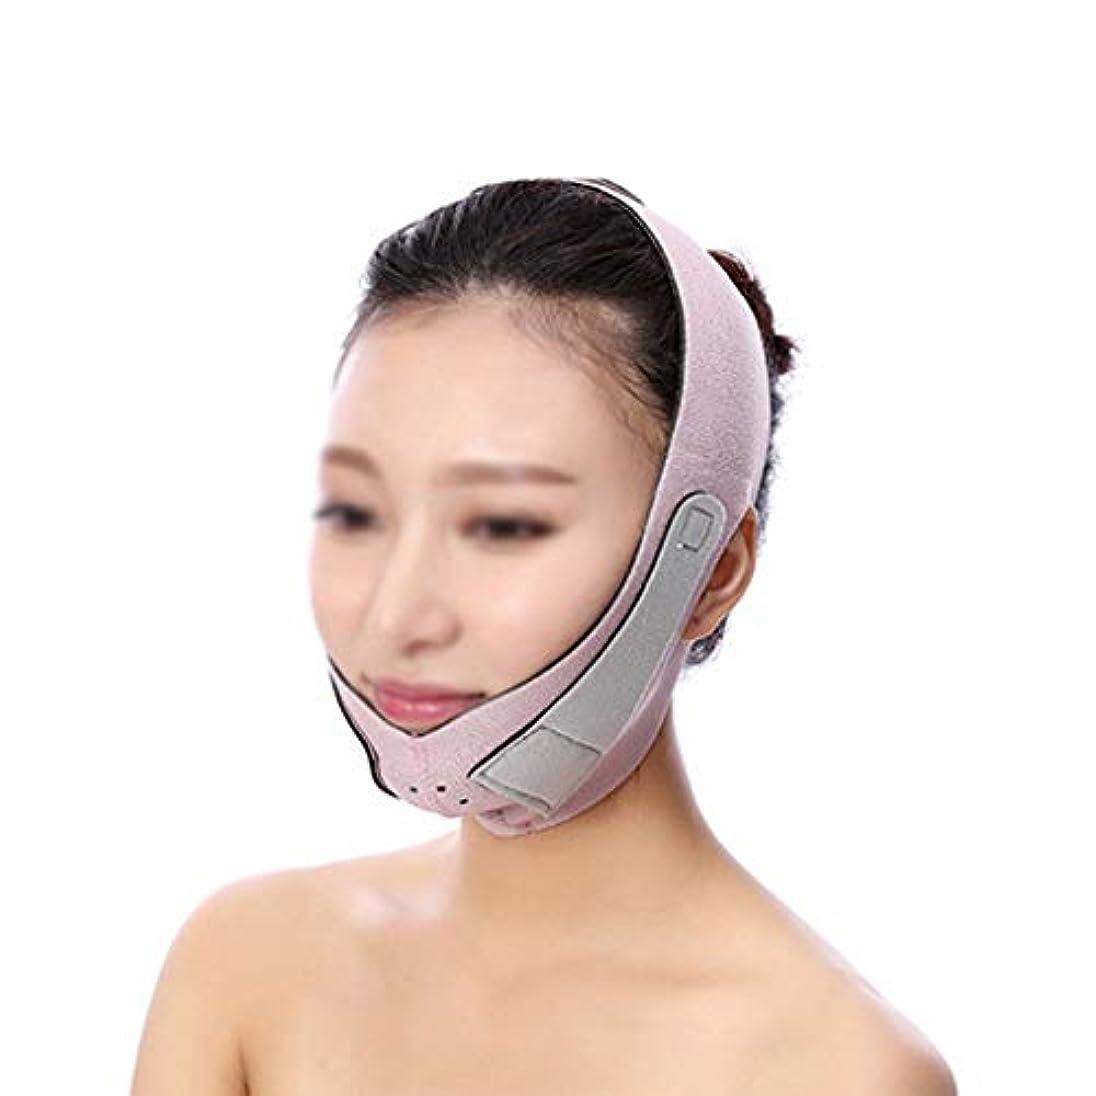 制裁慰めばかげているXHLMRMJ 薄型フェイスマスク、フェイスリフティングに最適、フェイスバンドを引き締めて肌の包帯を締め、頬あごの持ち上げ、肌の包帯を引き締める(ワンサイズはすべてにフィット) (Color : Purple)